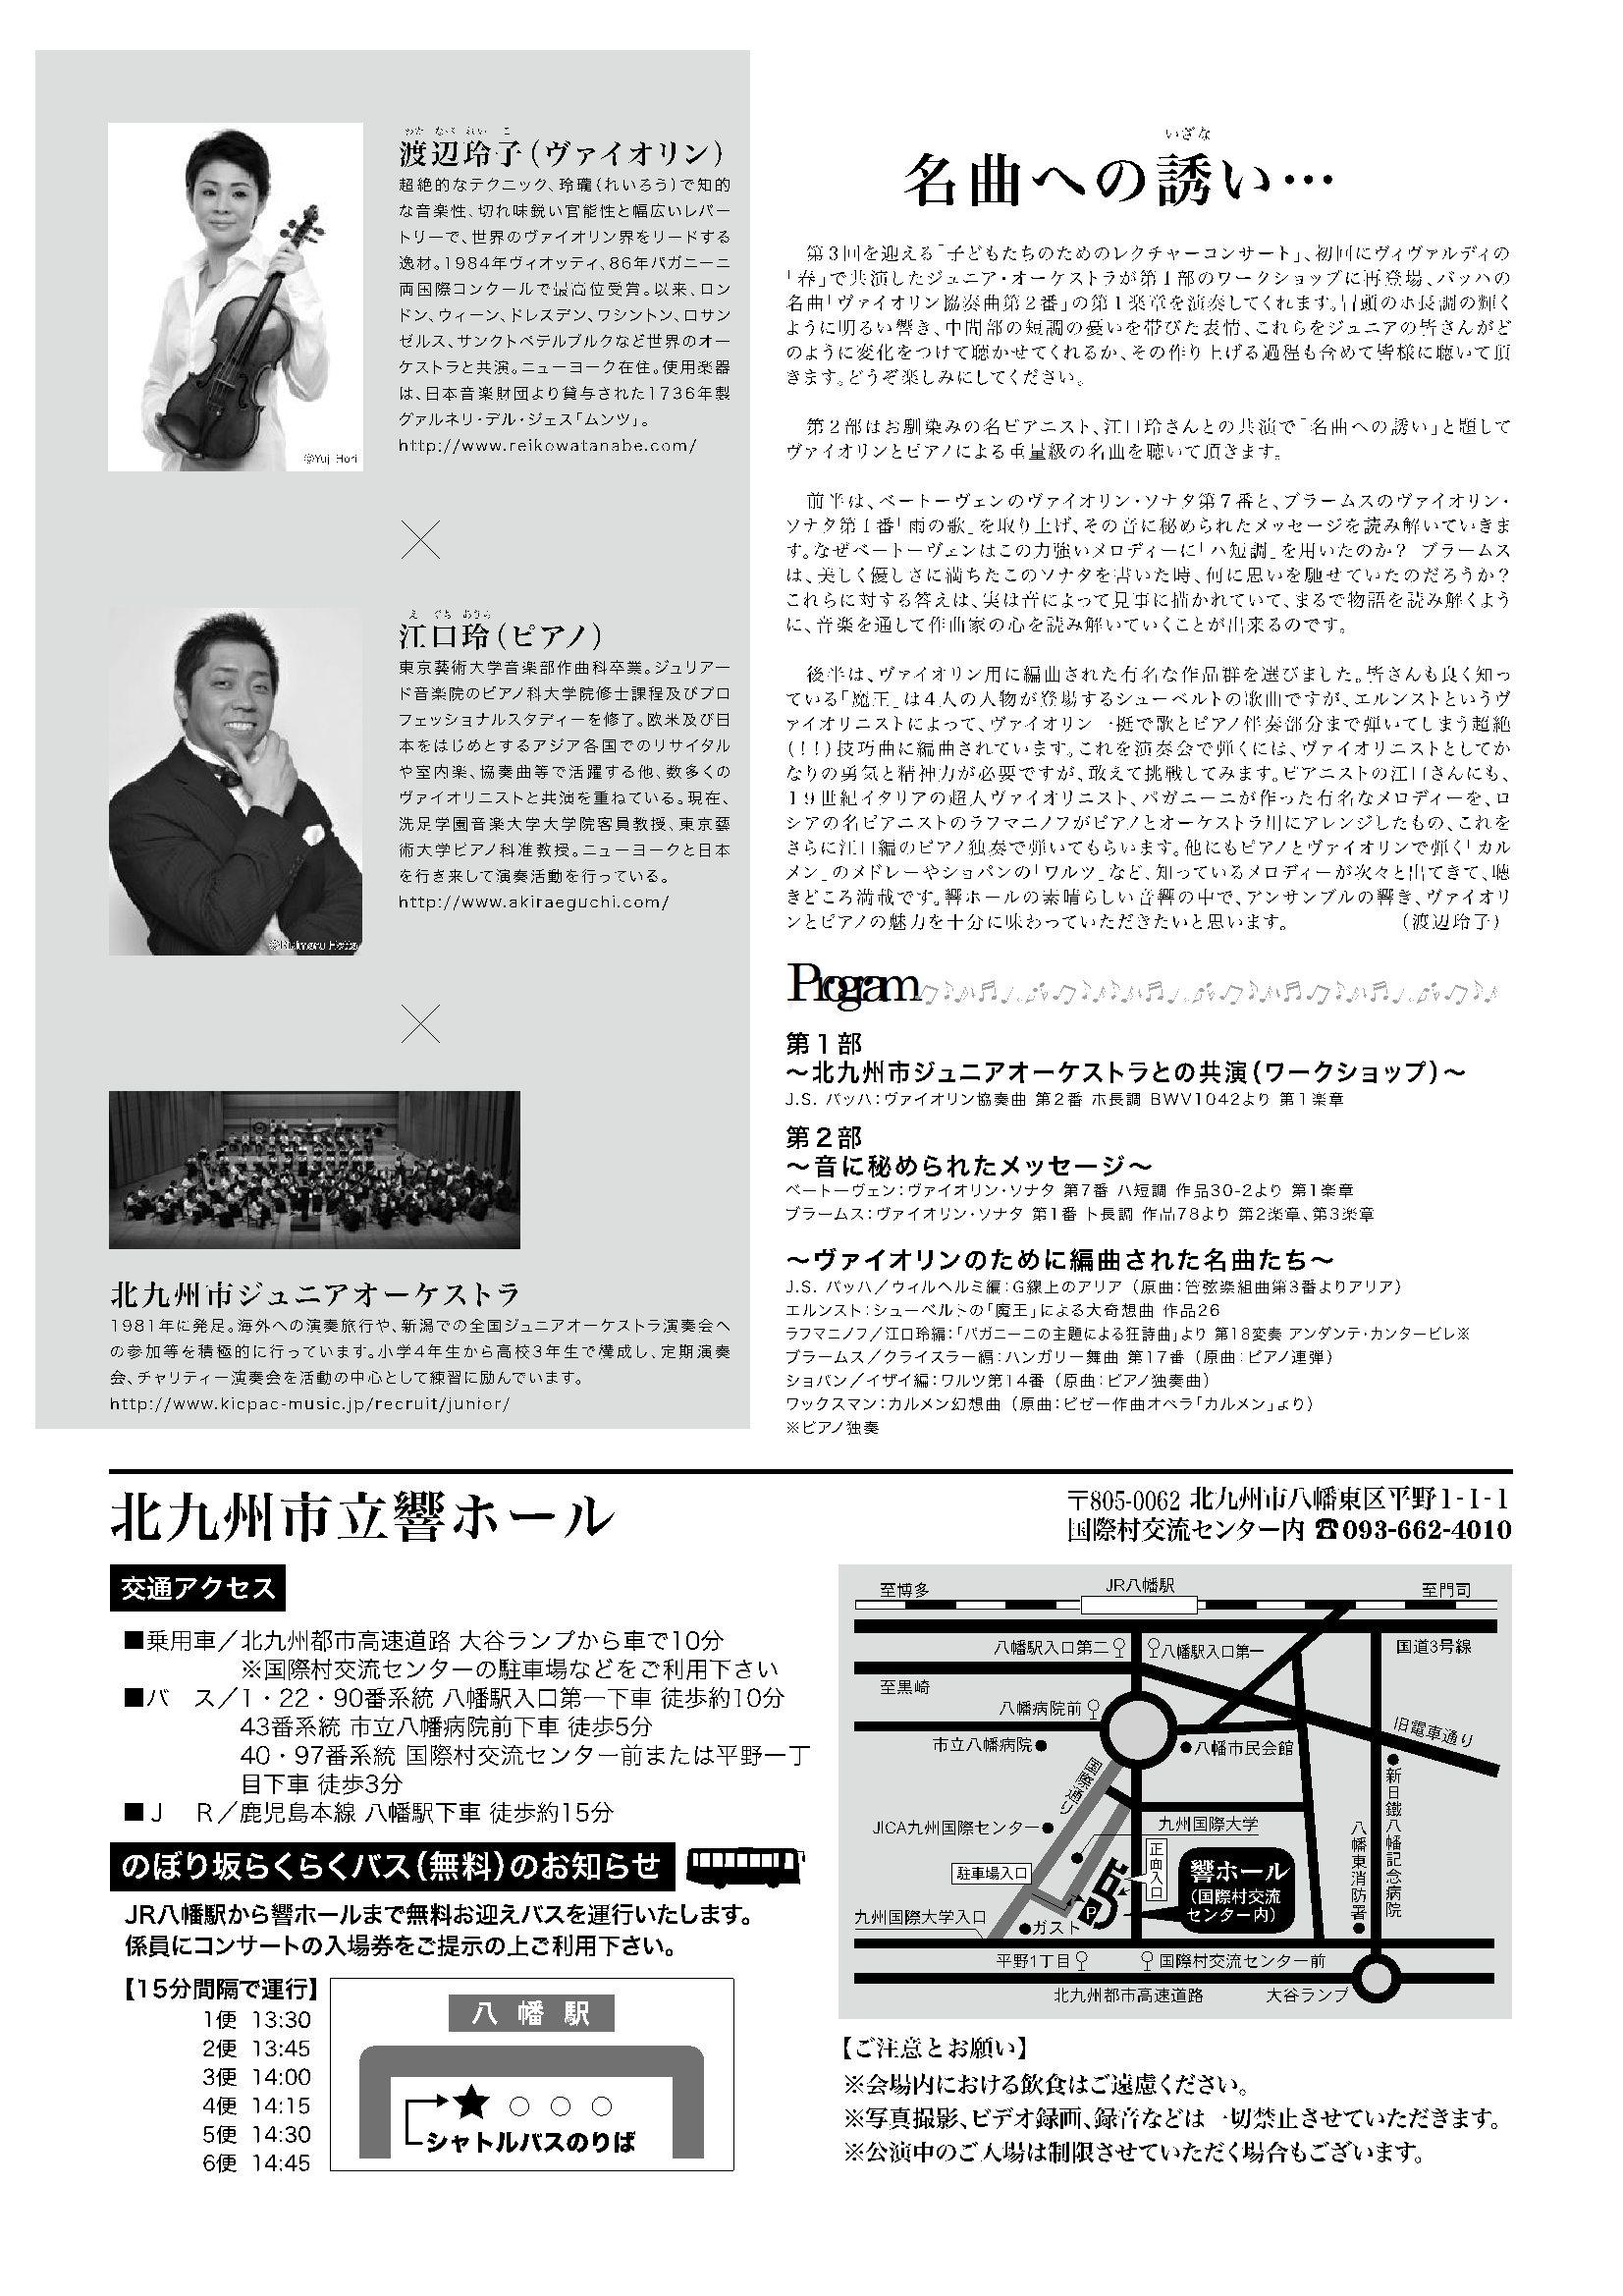 http://www.nmf.or.jp/news/imgdir/2016.02.07_Leaflet-2.jpg